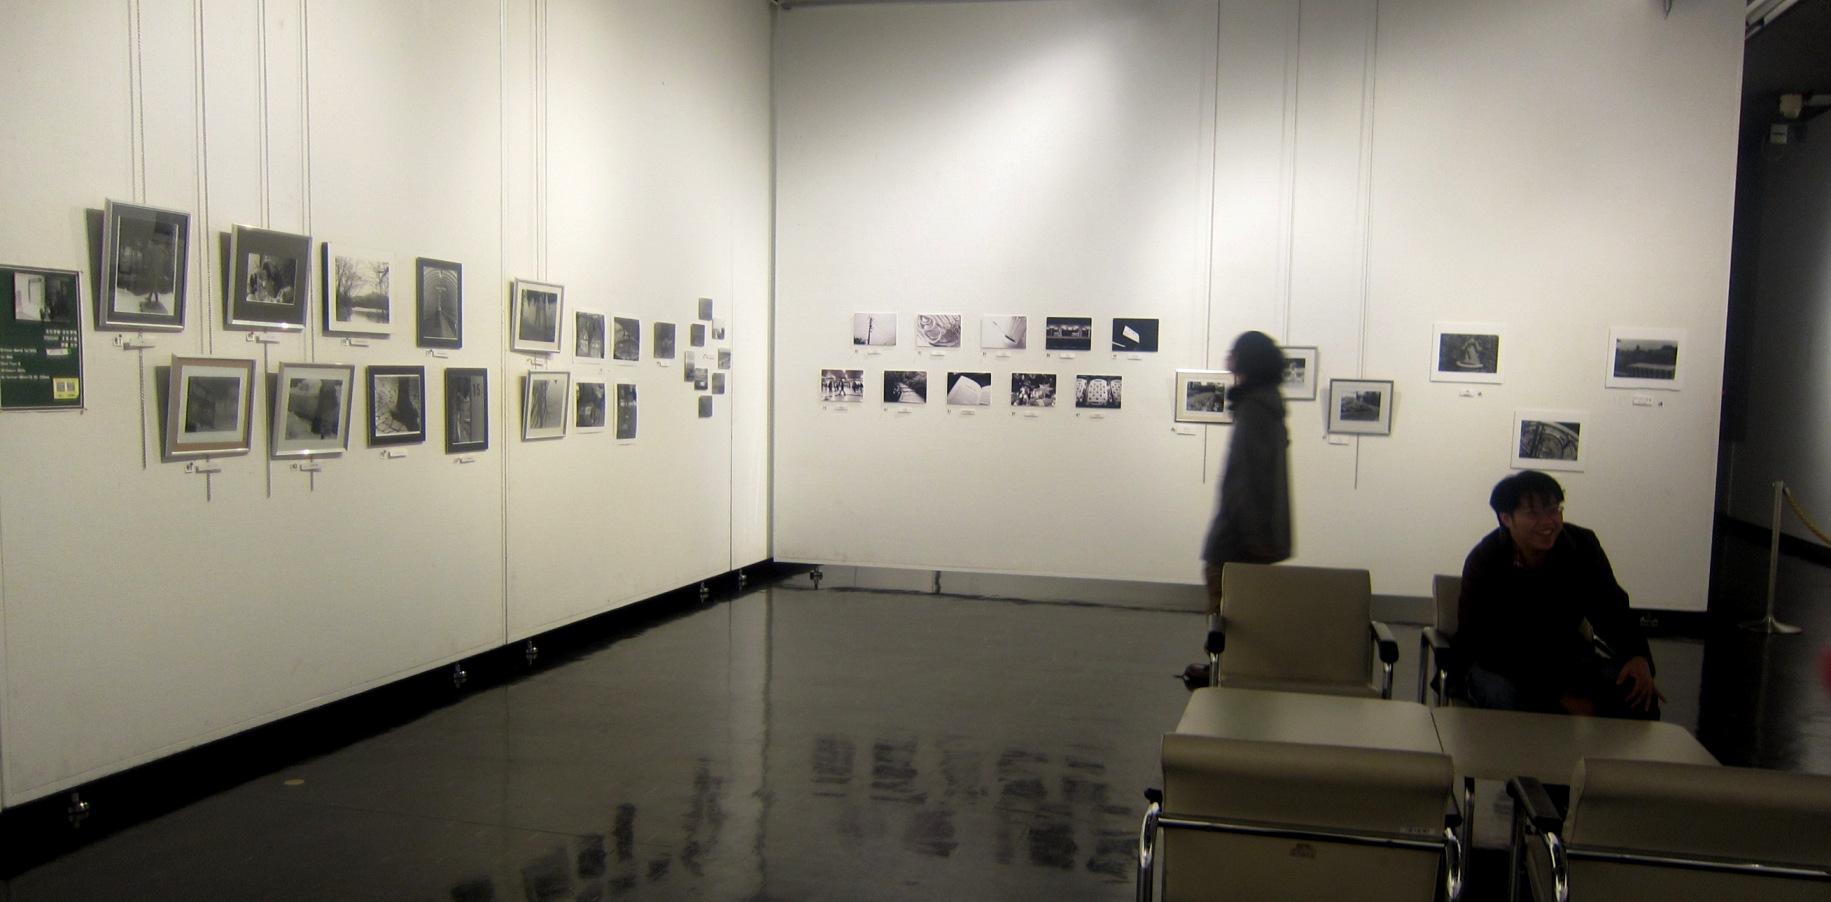 1943)①「札幌大学写真部 卒業写真展 & 学外写真展」 市民g. 終了2月20日(水)~2月24日(日)  _f0126829_20331046.jpg